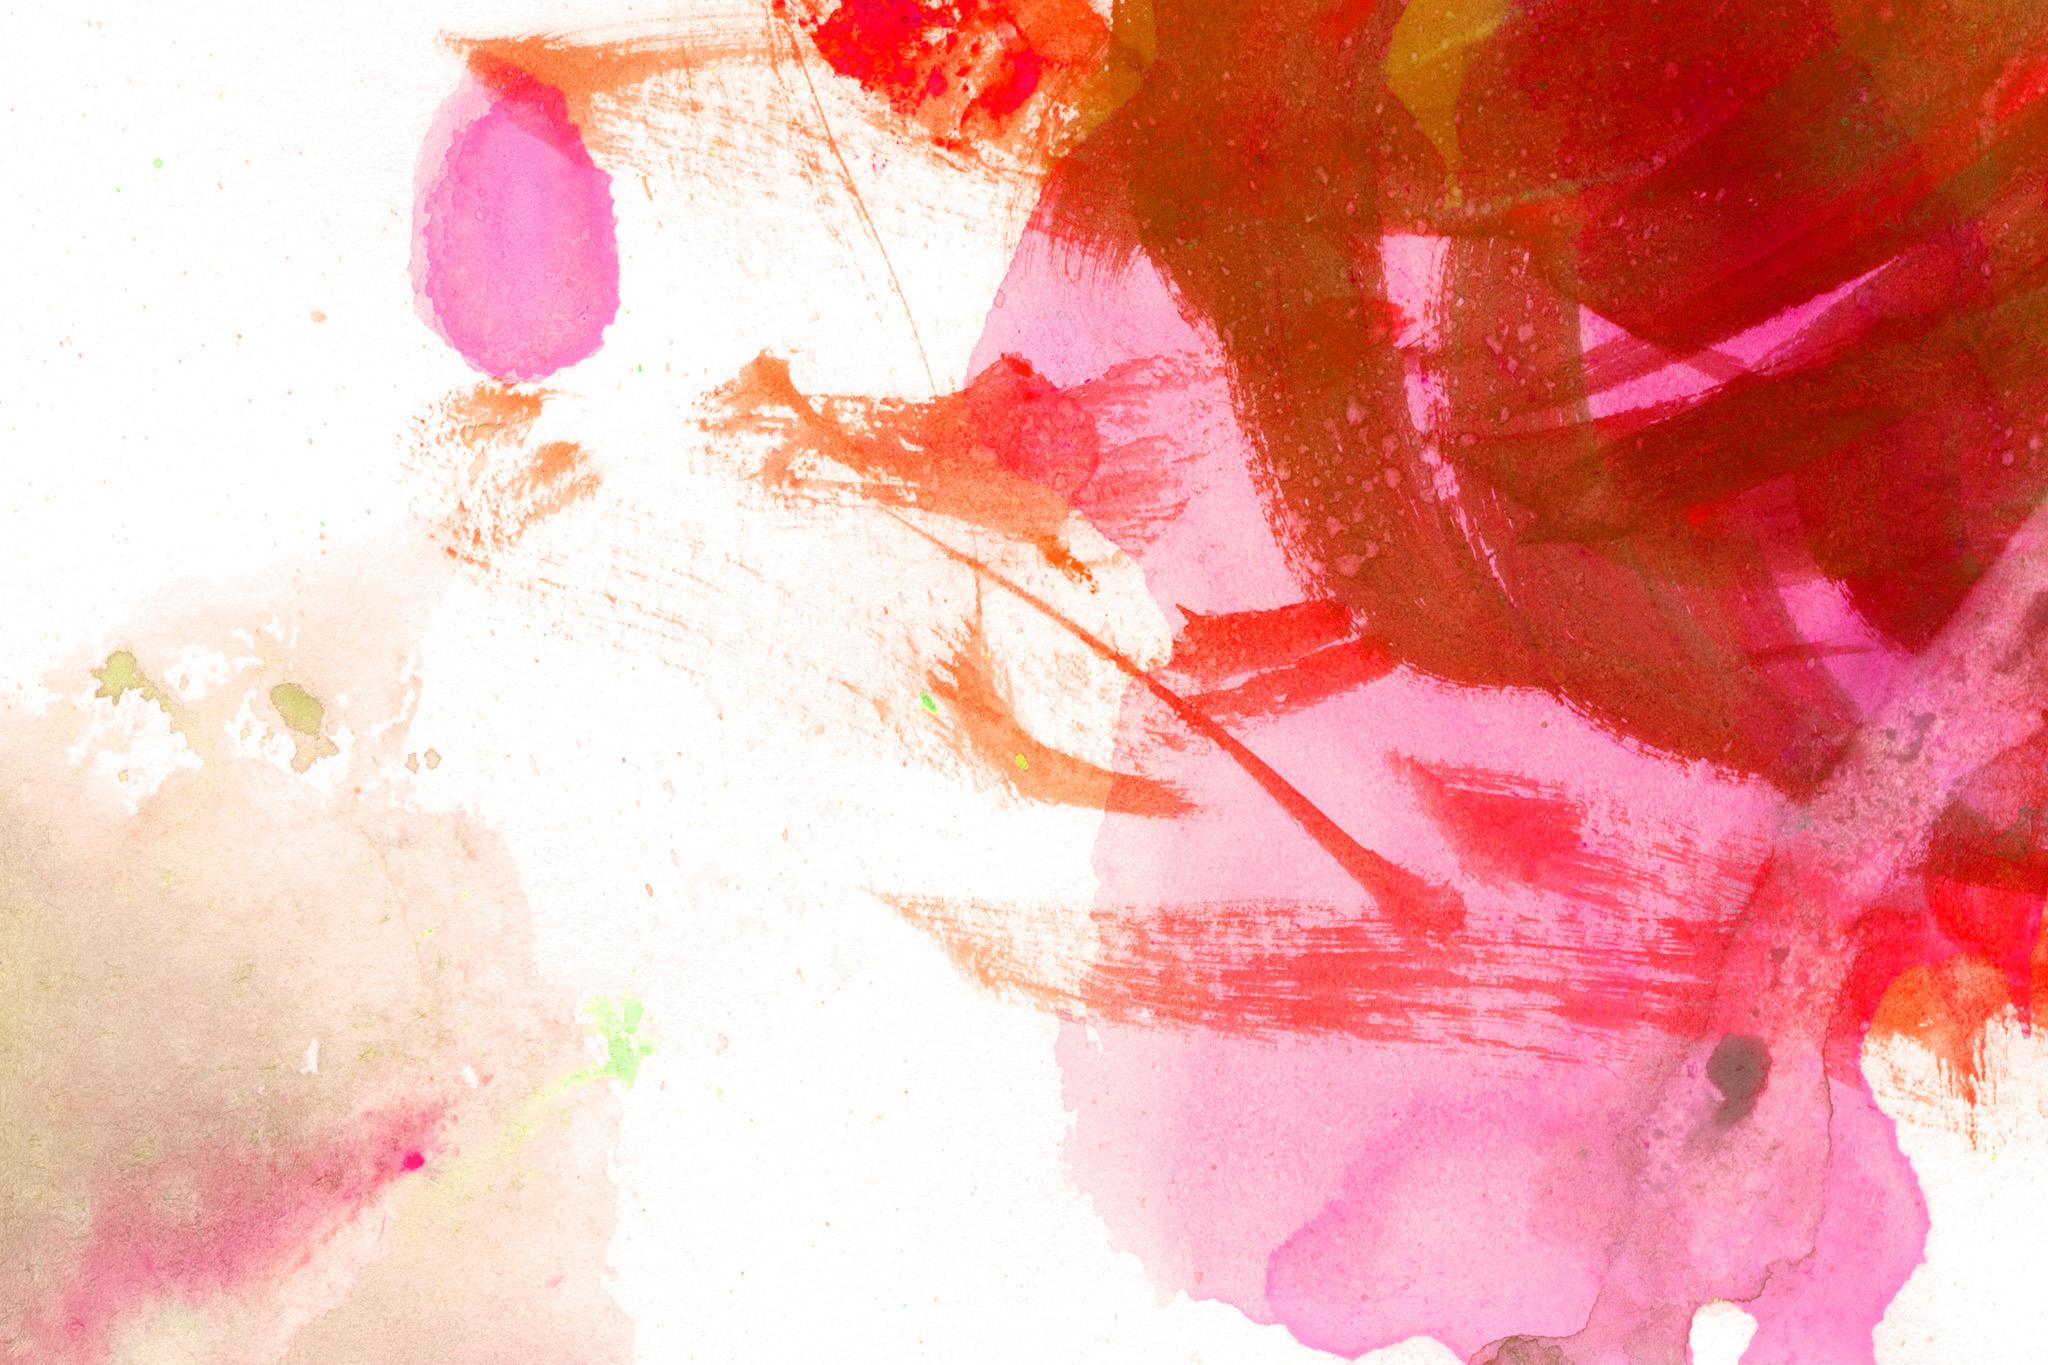 「リズミカルな赤い水彩のタッチ」